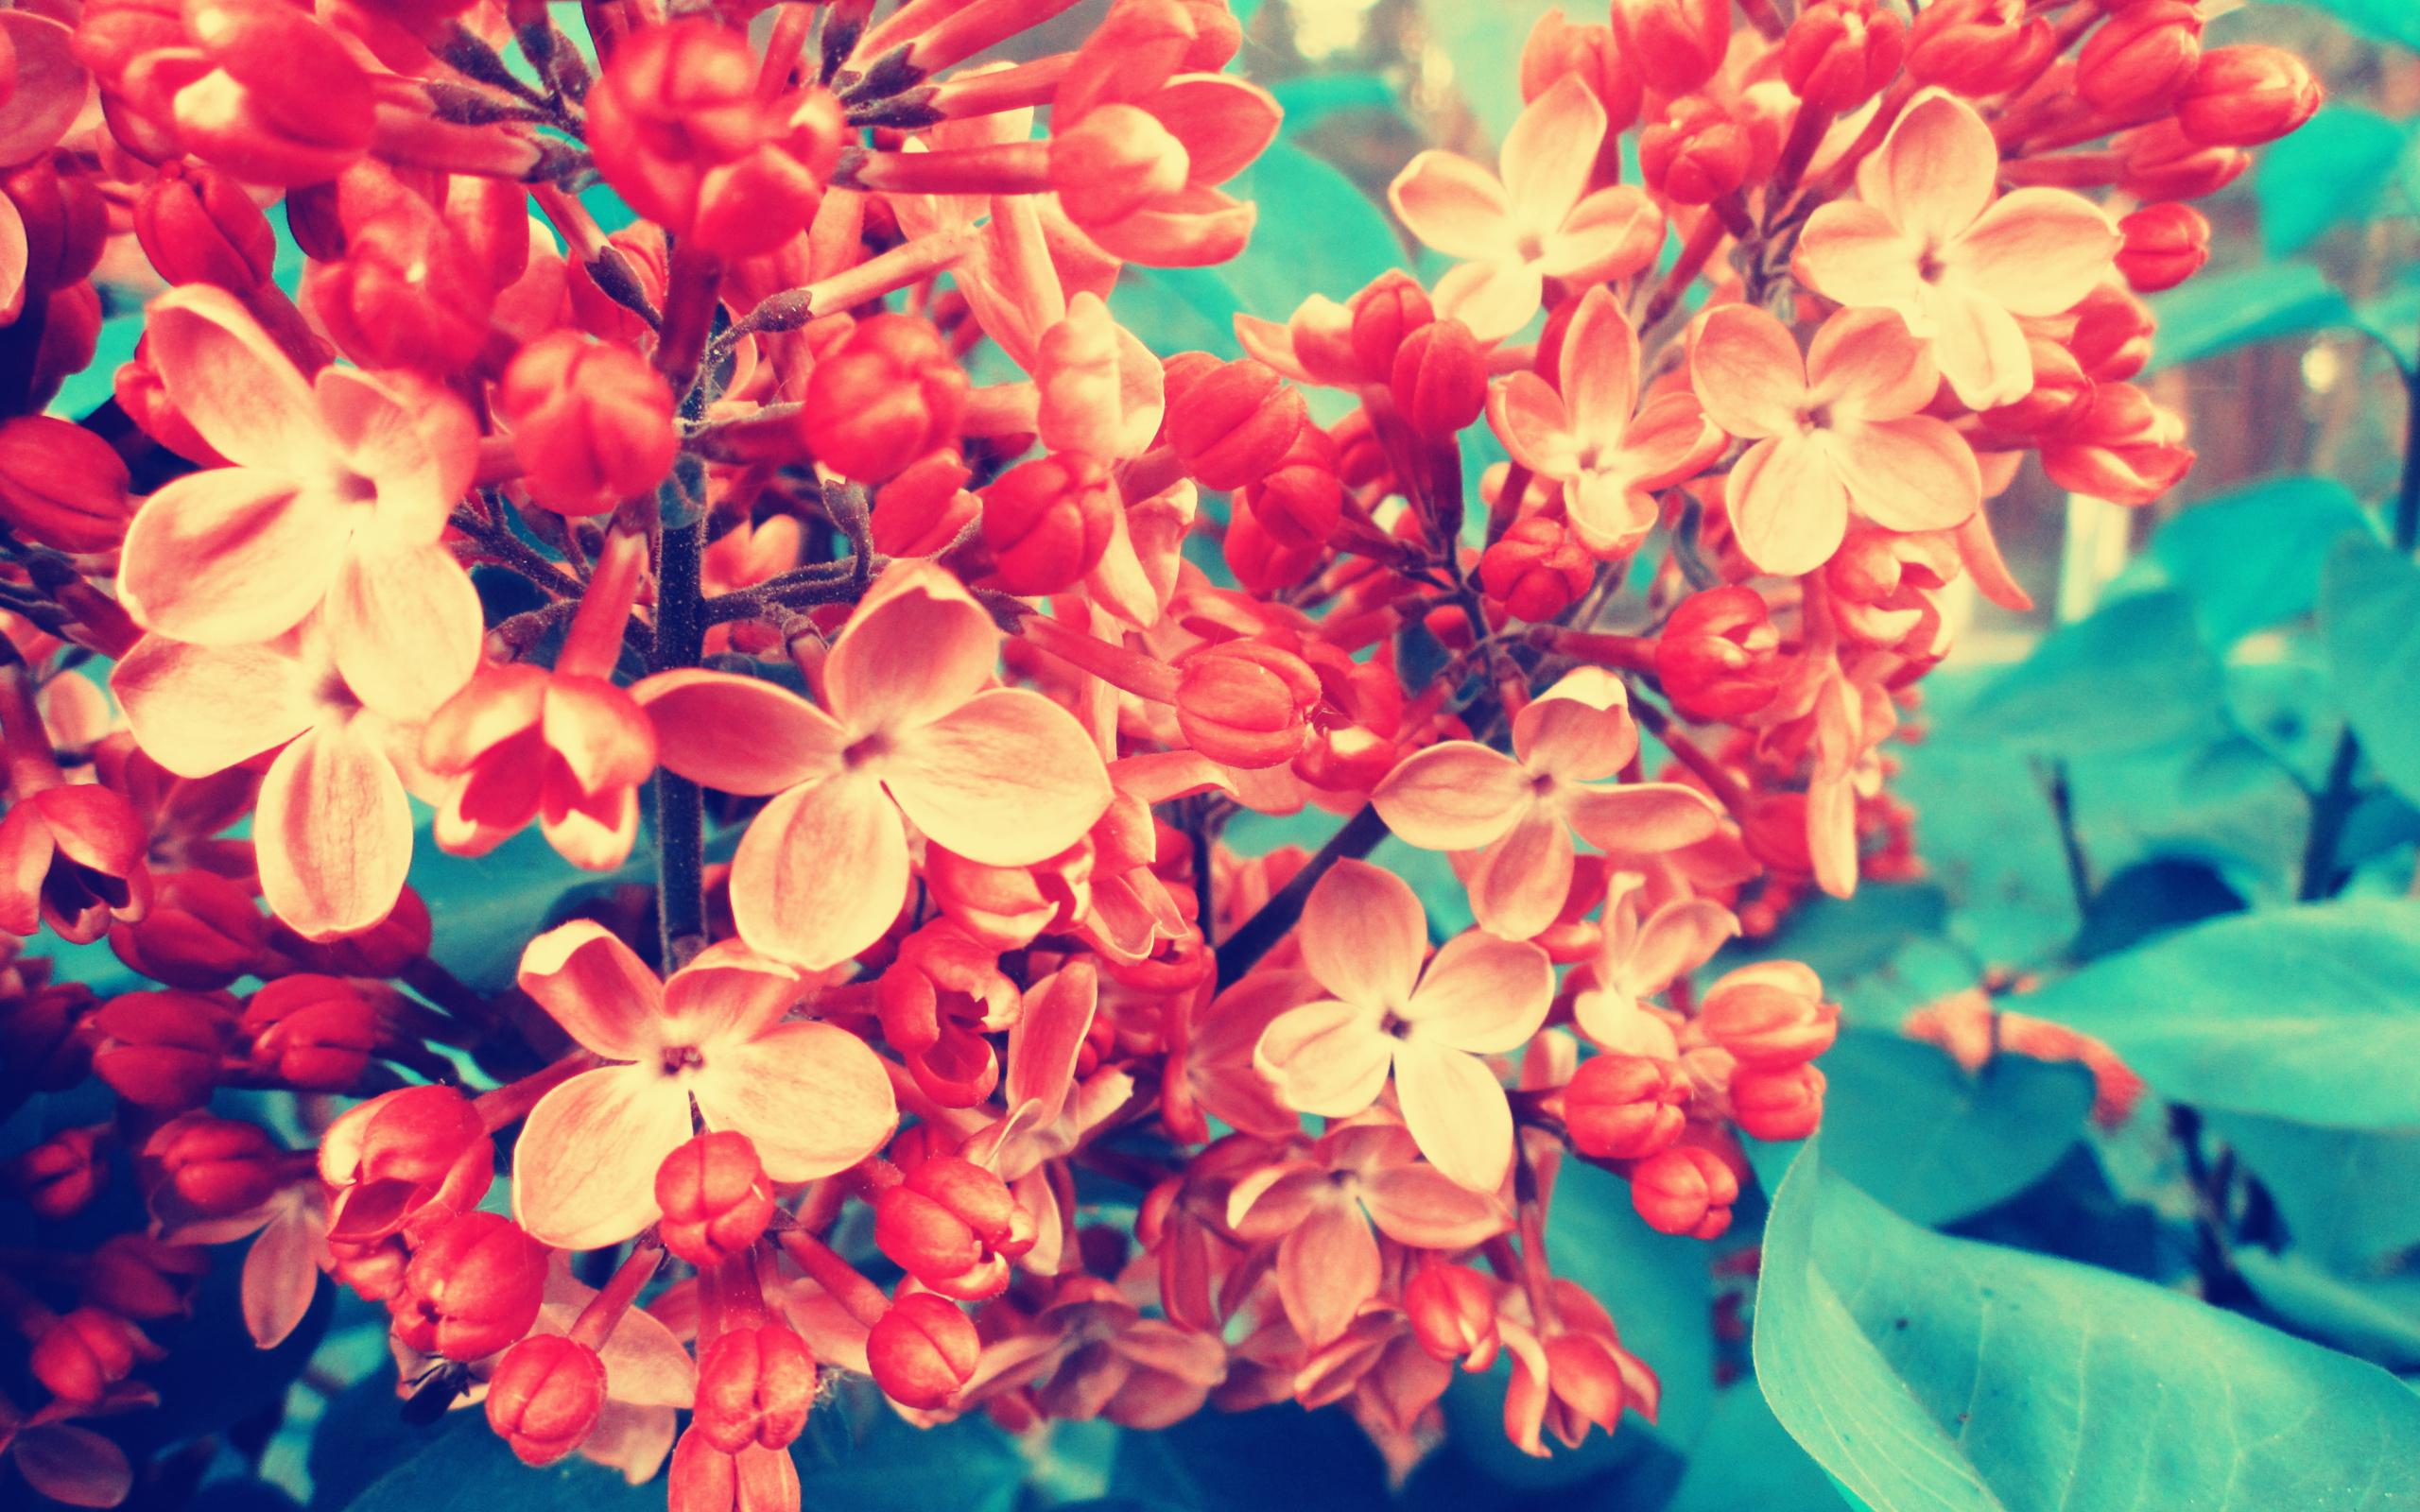 Фото букетов цветов высокого качества и большого размера: 51 33